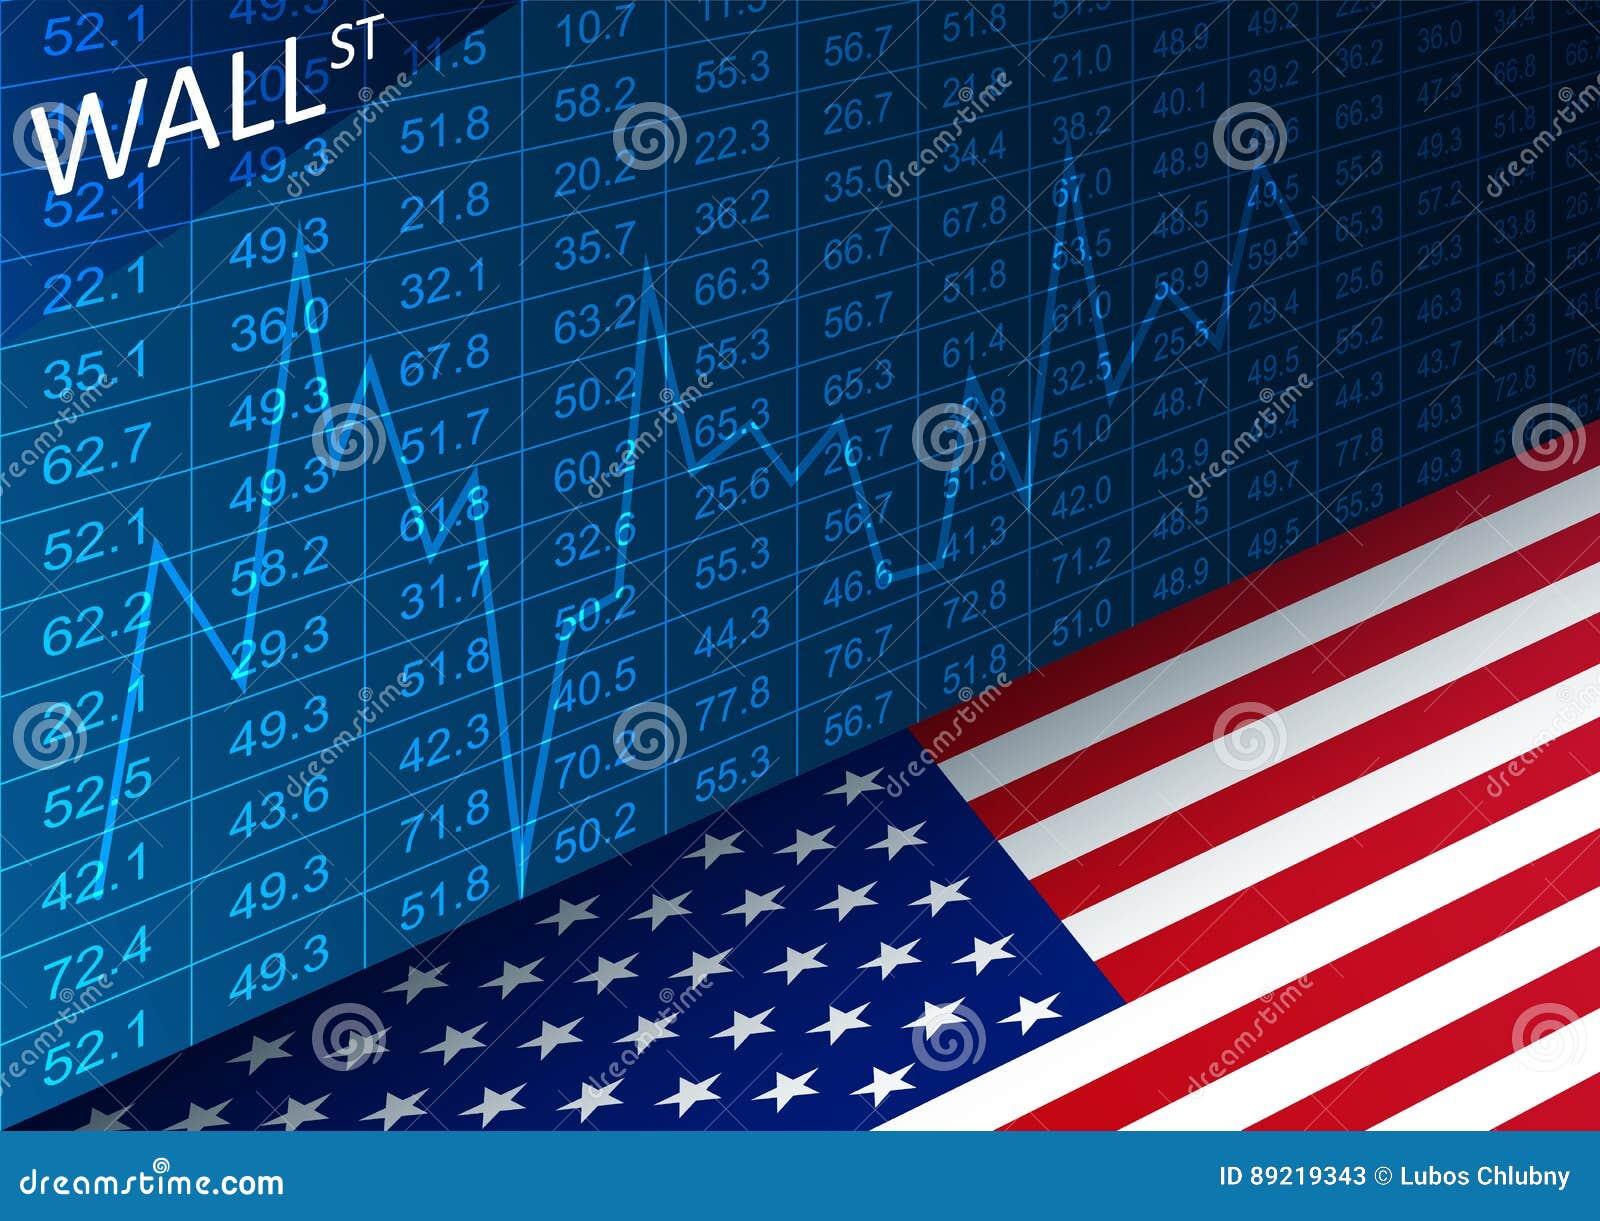 Grafico E Bandiera Americana Di Borsa Valori Dati Che ...